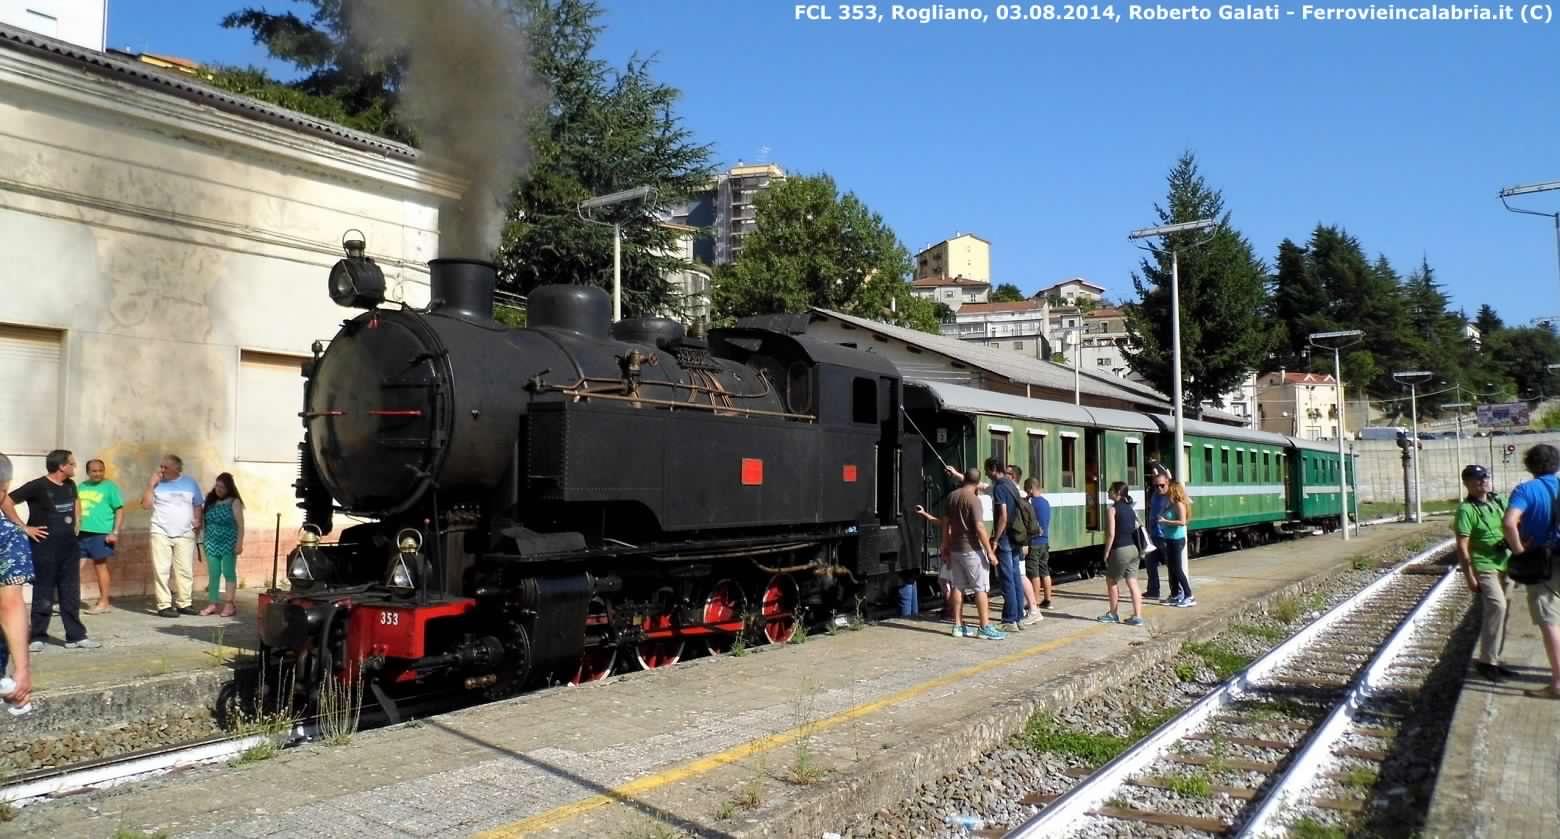 FC-FCL 353-Rogliano-2014-08-03-RobertoGalati 2